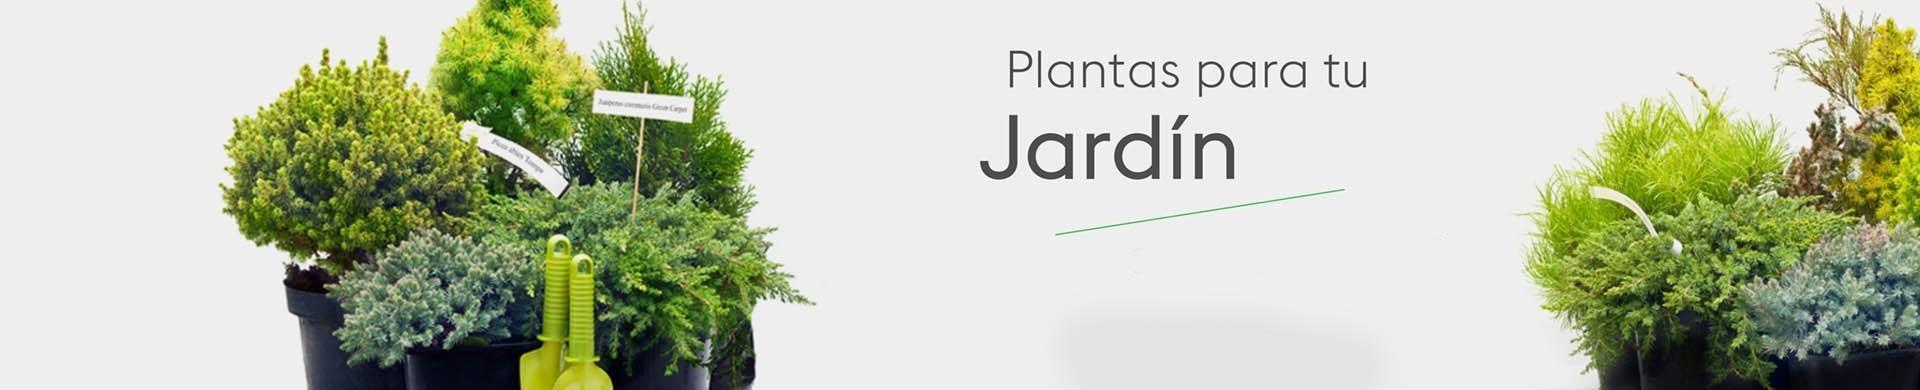 Plantas para jardín - Comprar árboles y arbustos para jardín online